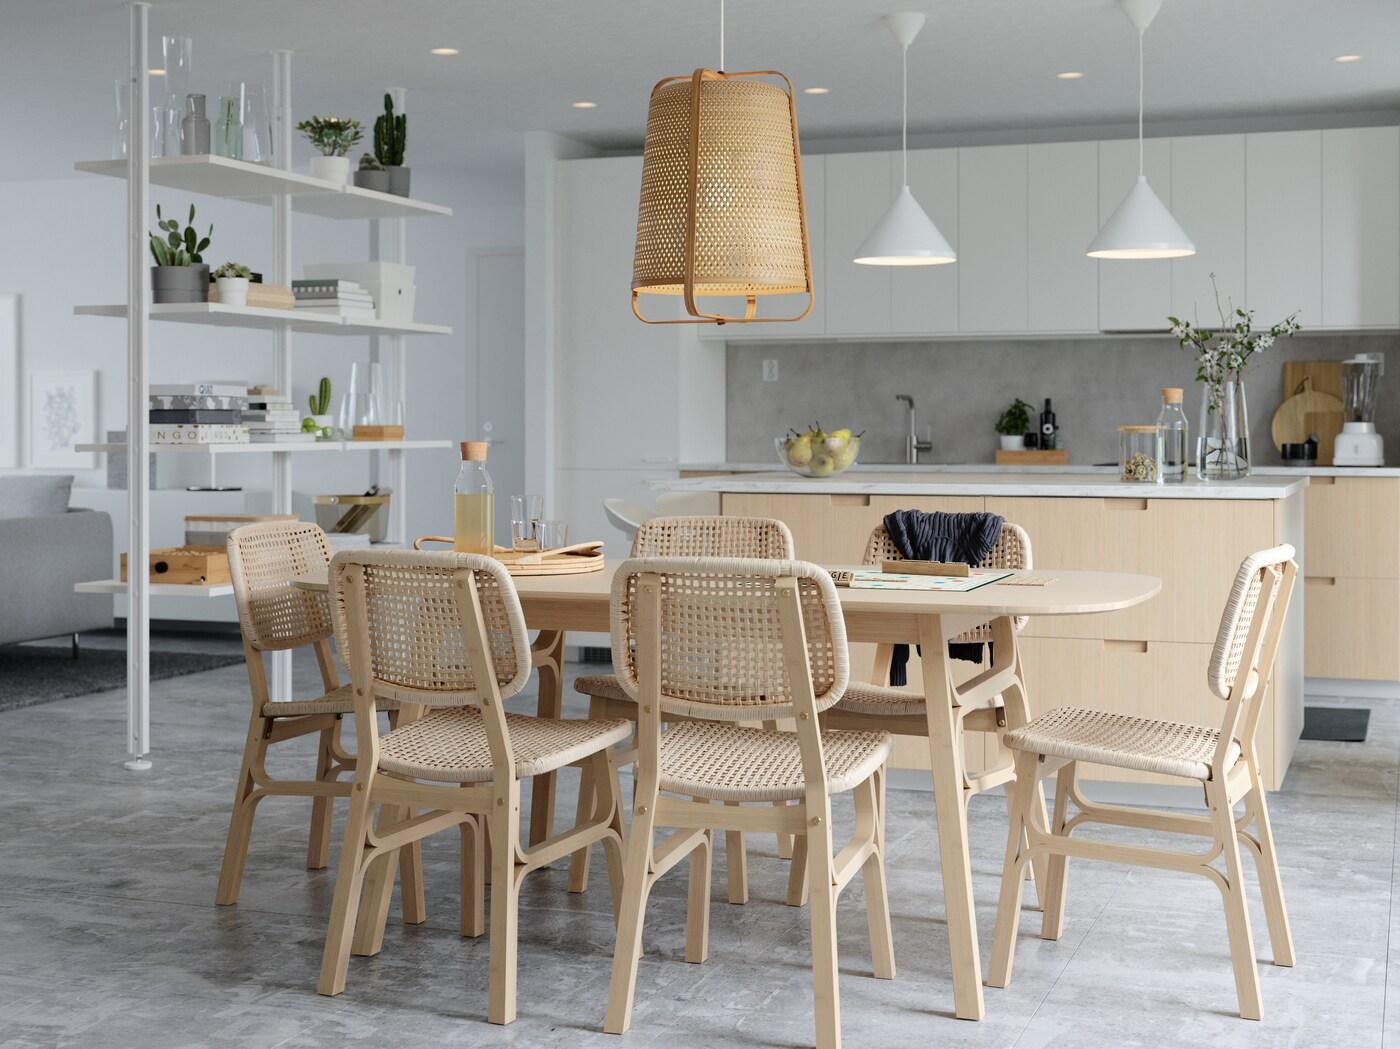 Großer moderner Essbereich mit VOXLÖV Stühlen & Tisch